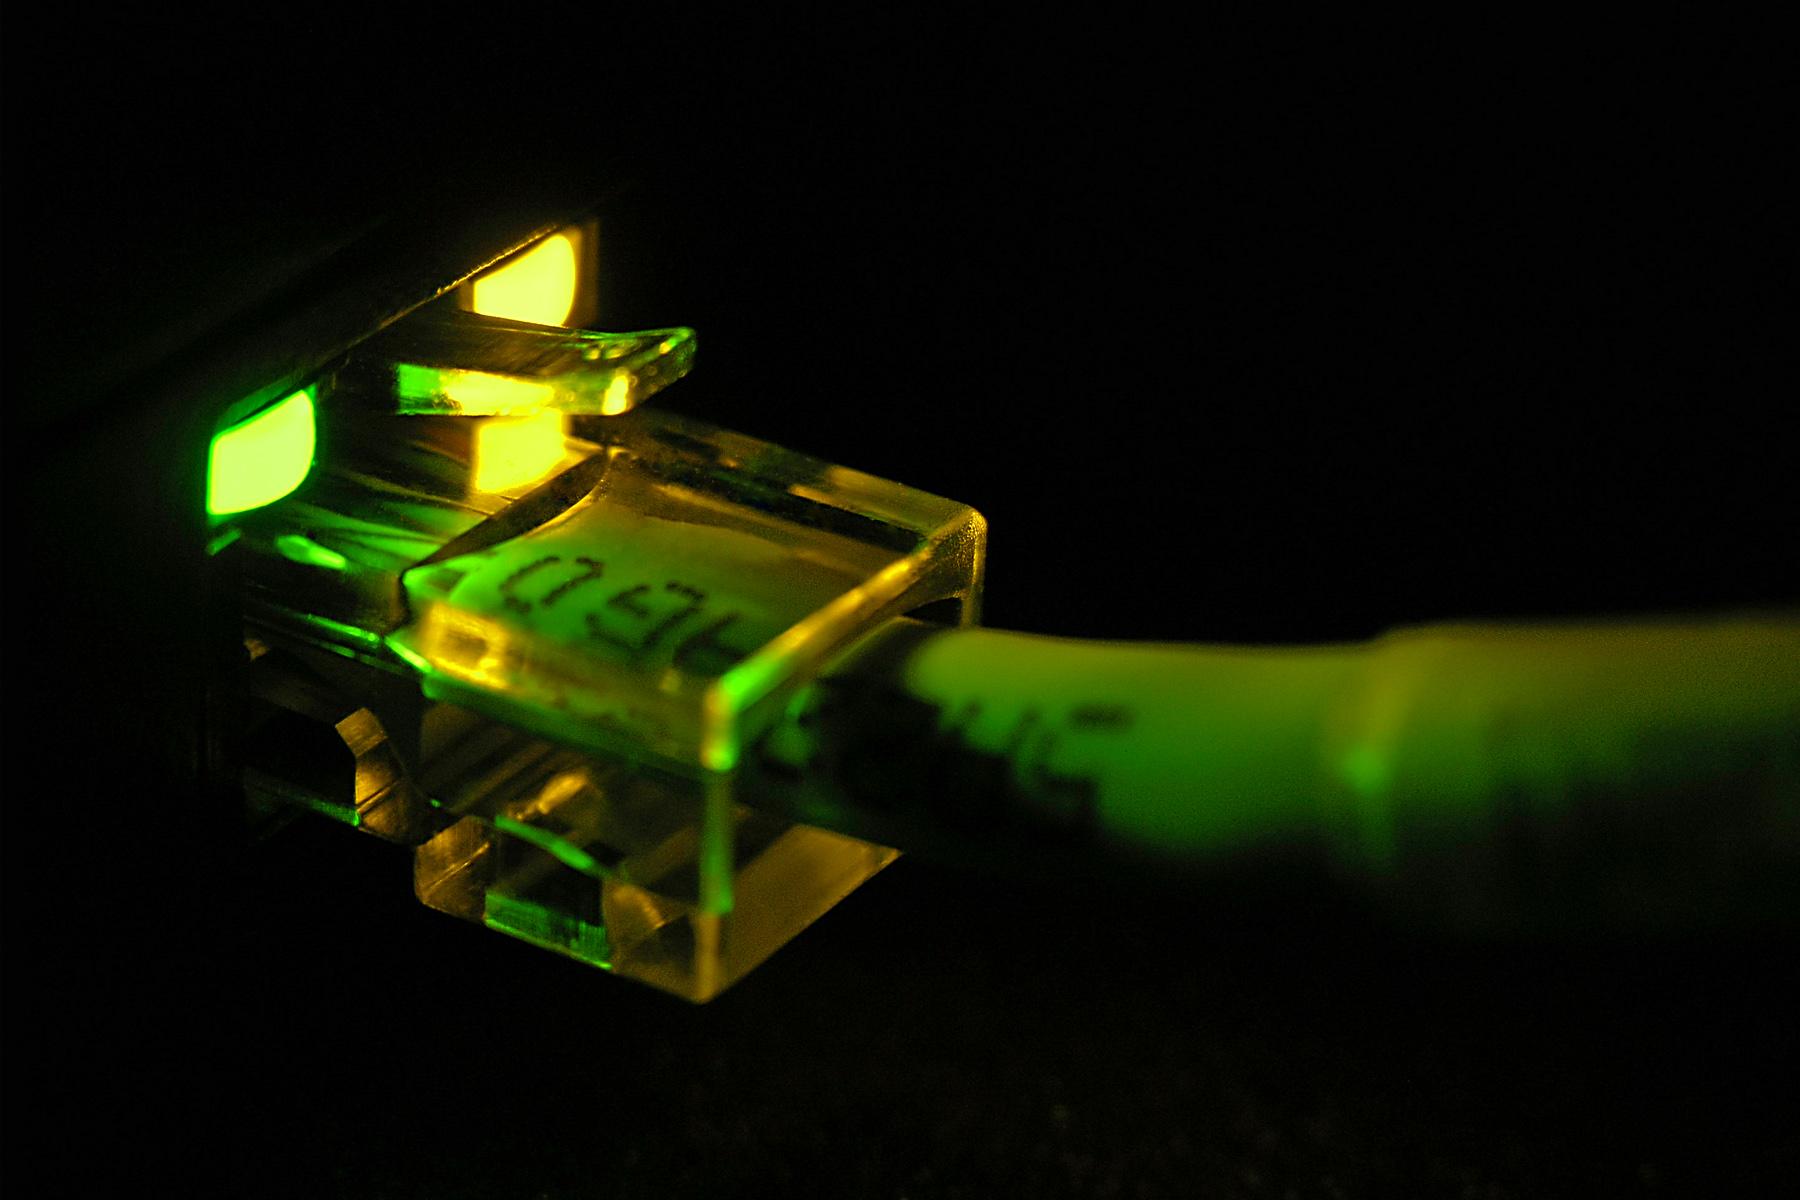 Ahorrar en el ADSL sí es posible